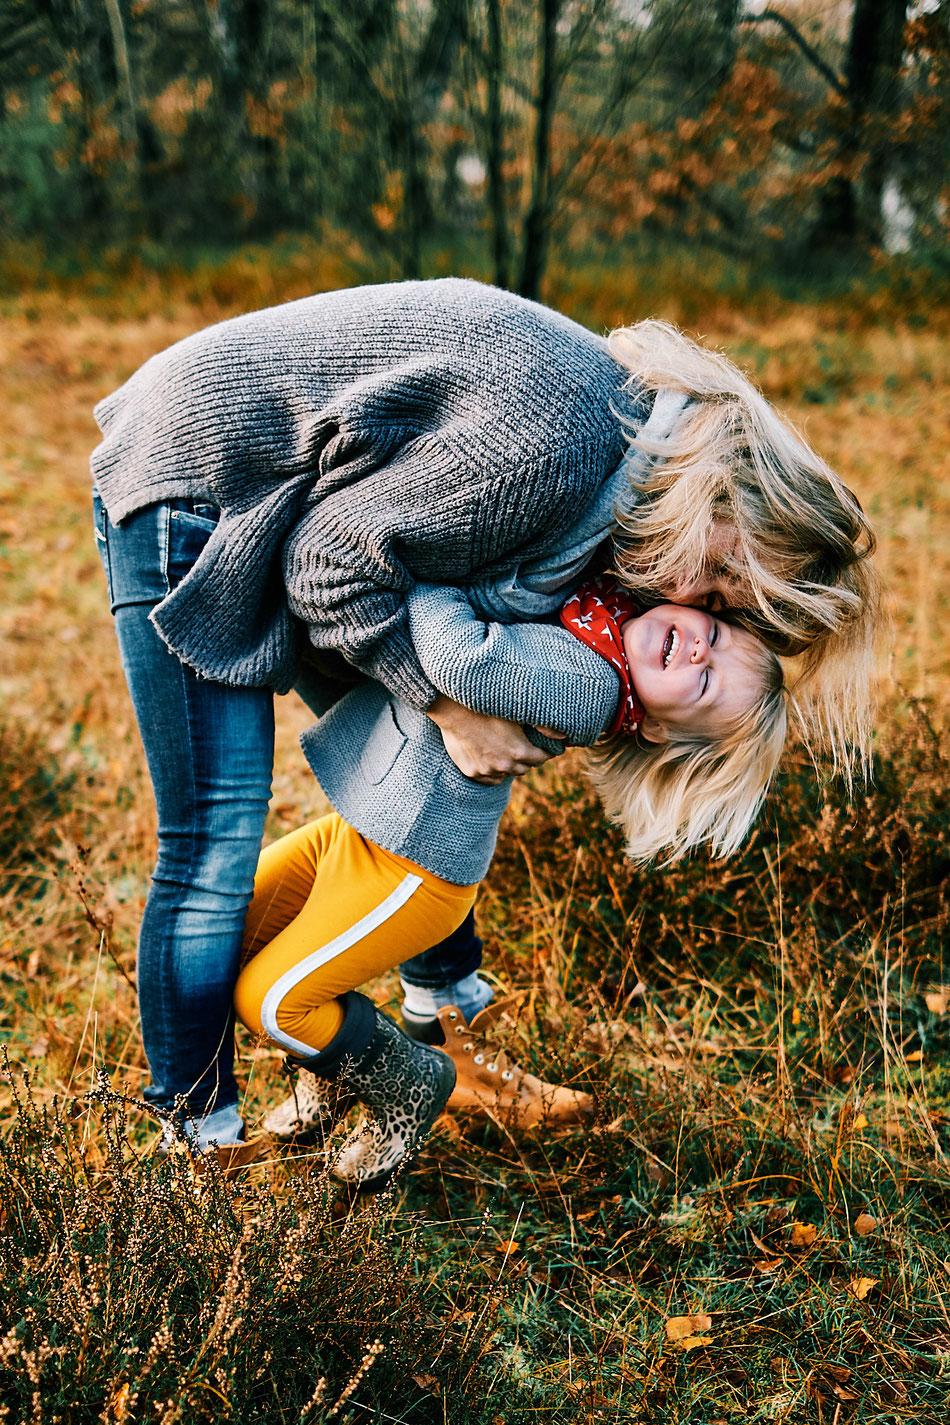 Familienfotos, Familienfotografie, Familienfotograf, Fotoshooting Familie draussen, Bremen, Langwedel, Verden, Achim, Outdoor